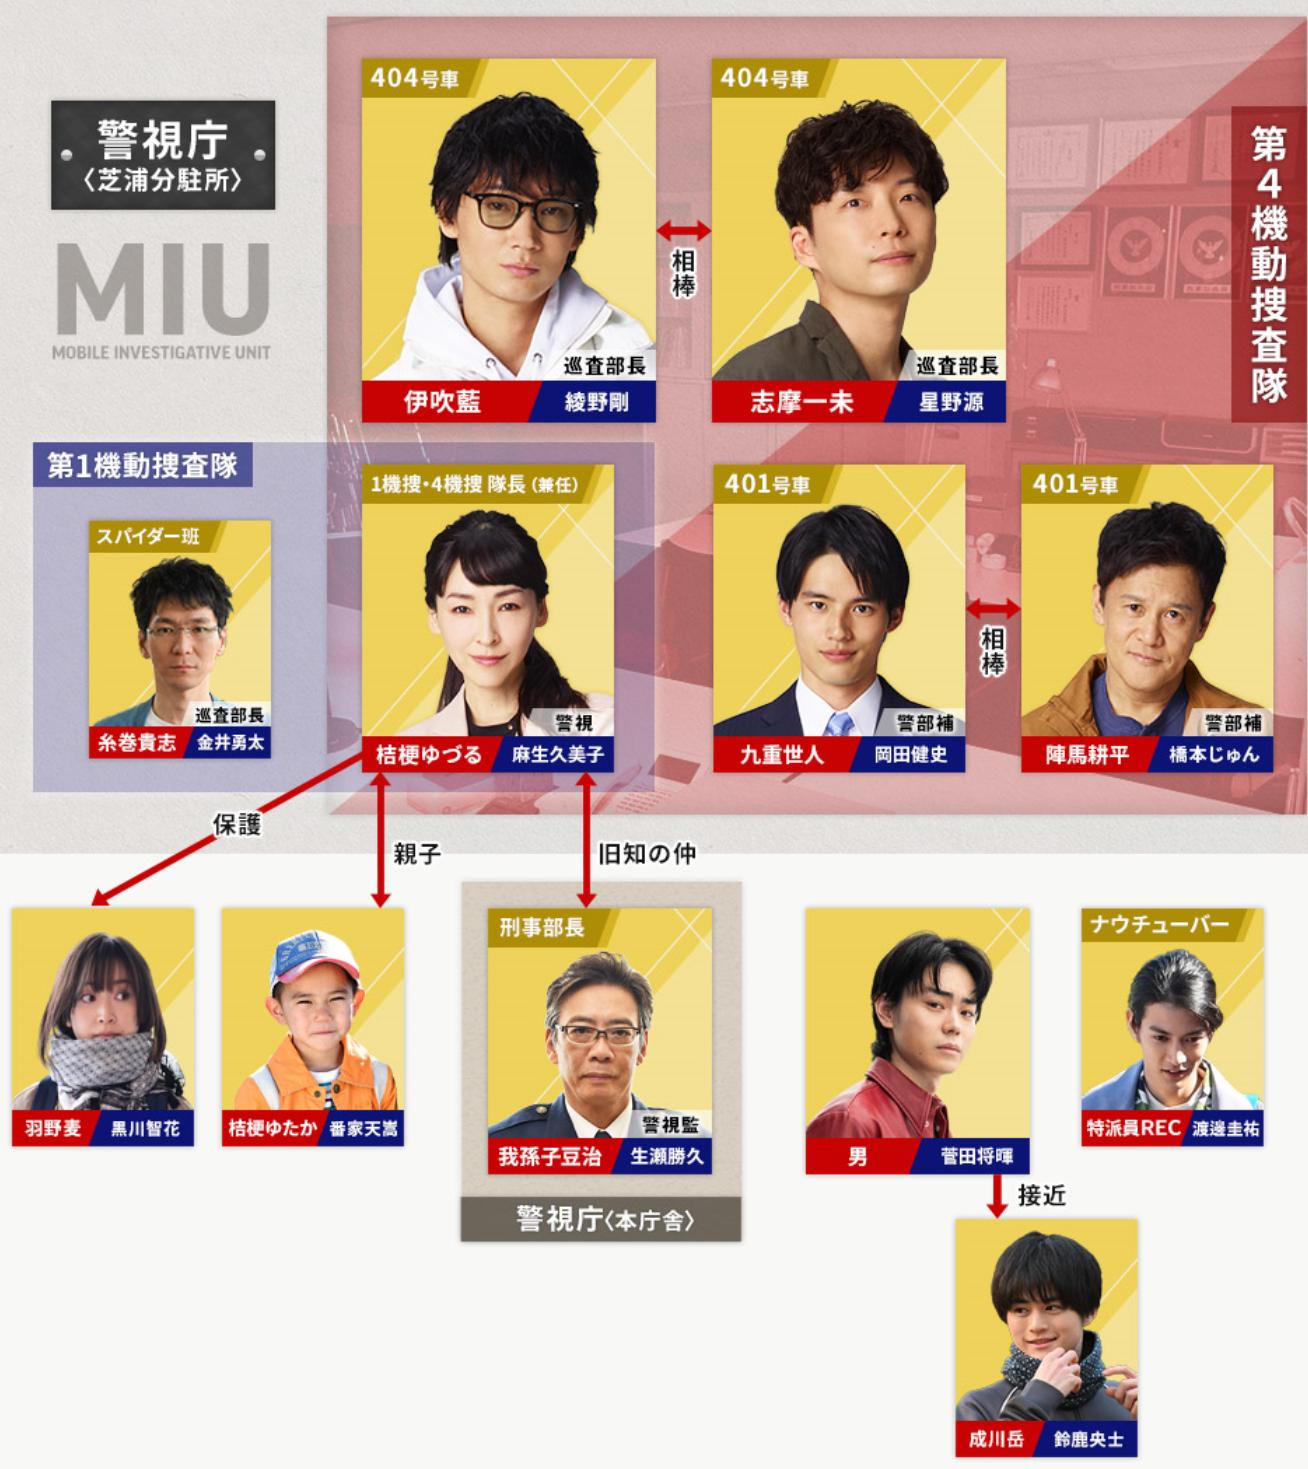 404 ドラマ キャスト 相関図 TBSテレビ:金曜ドラマ『MIU404』